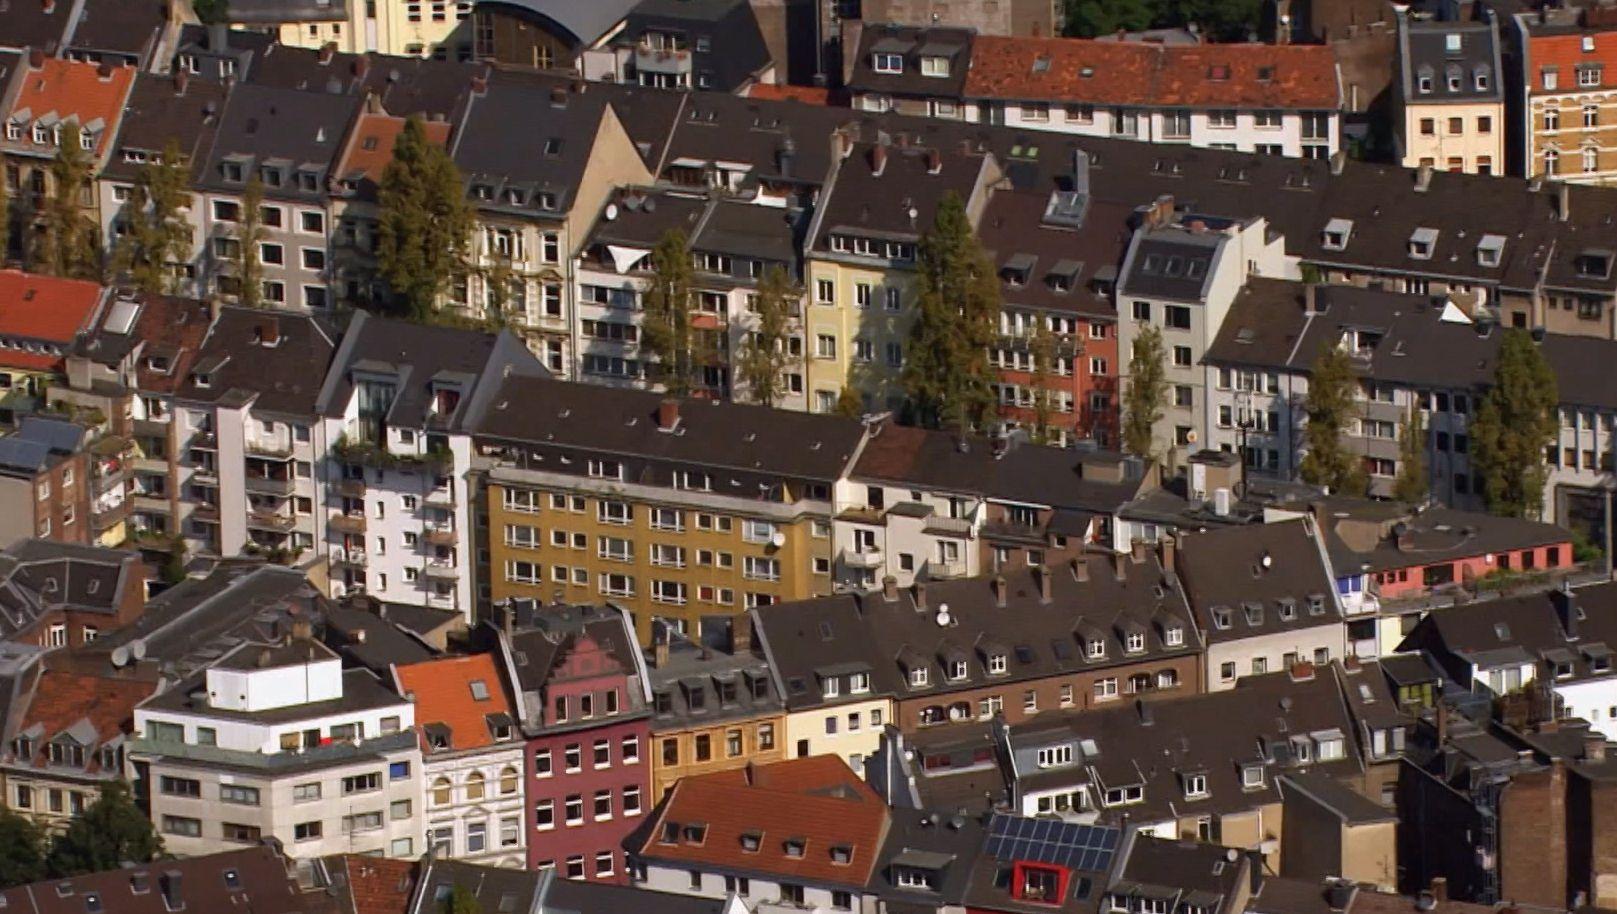 Stadtansicht mit Mietshäusern